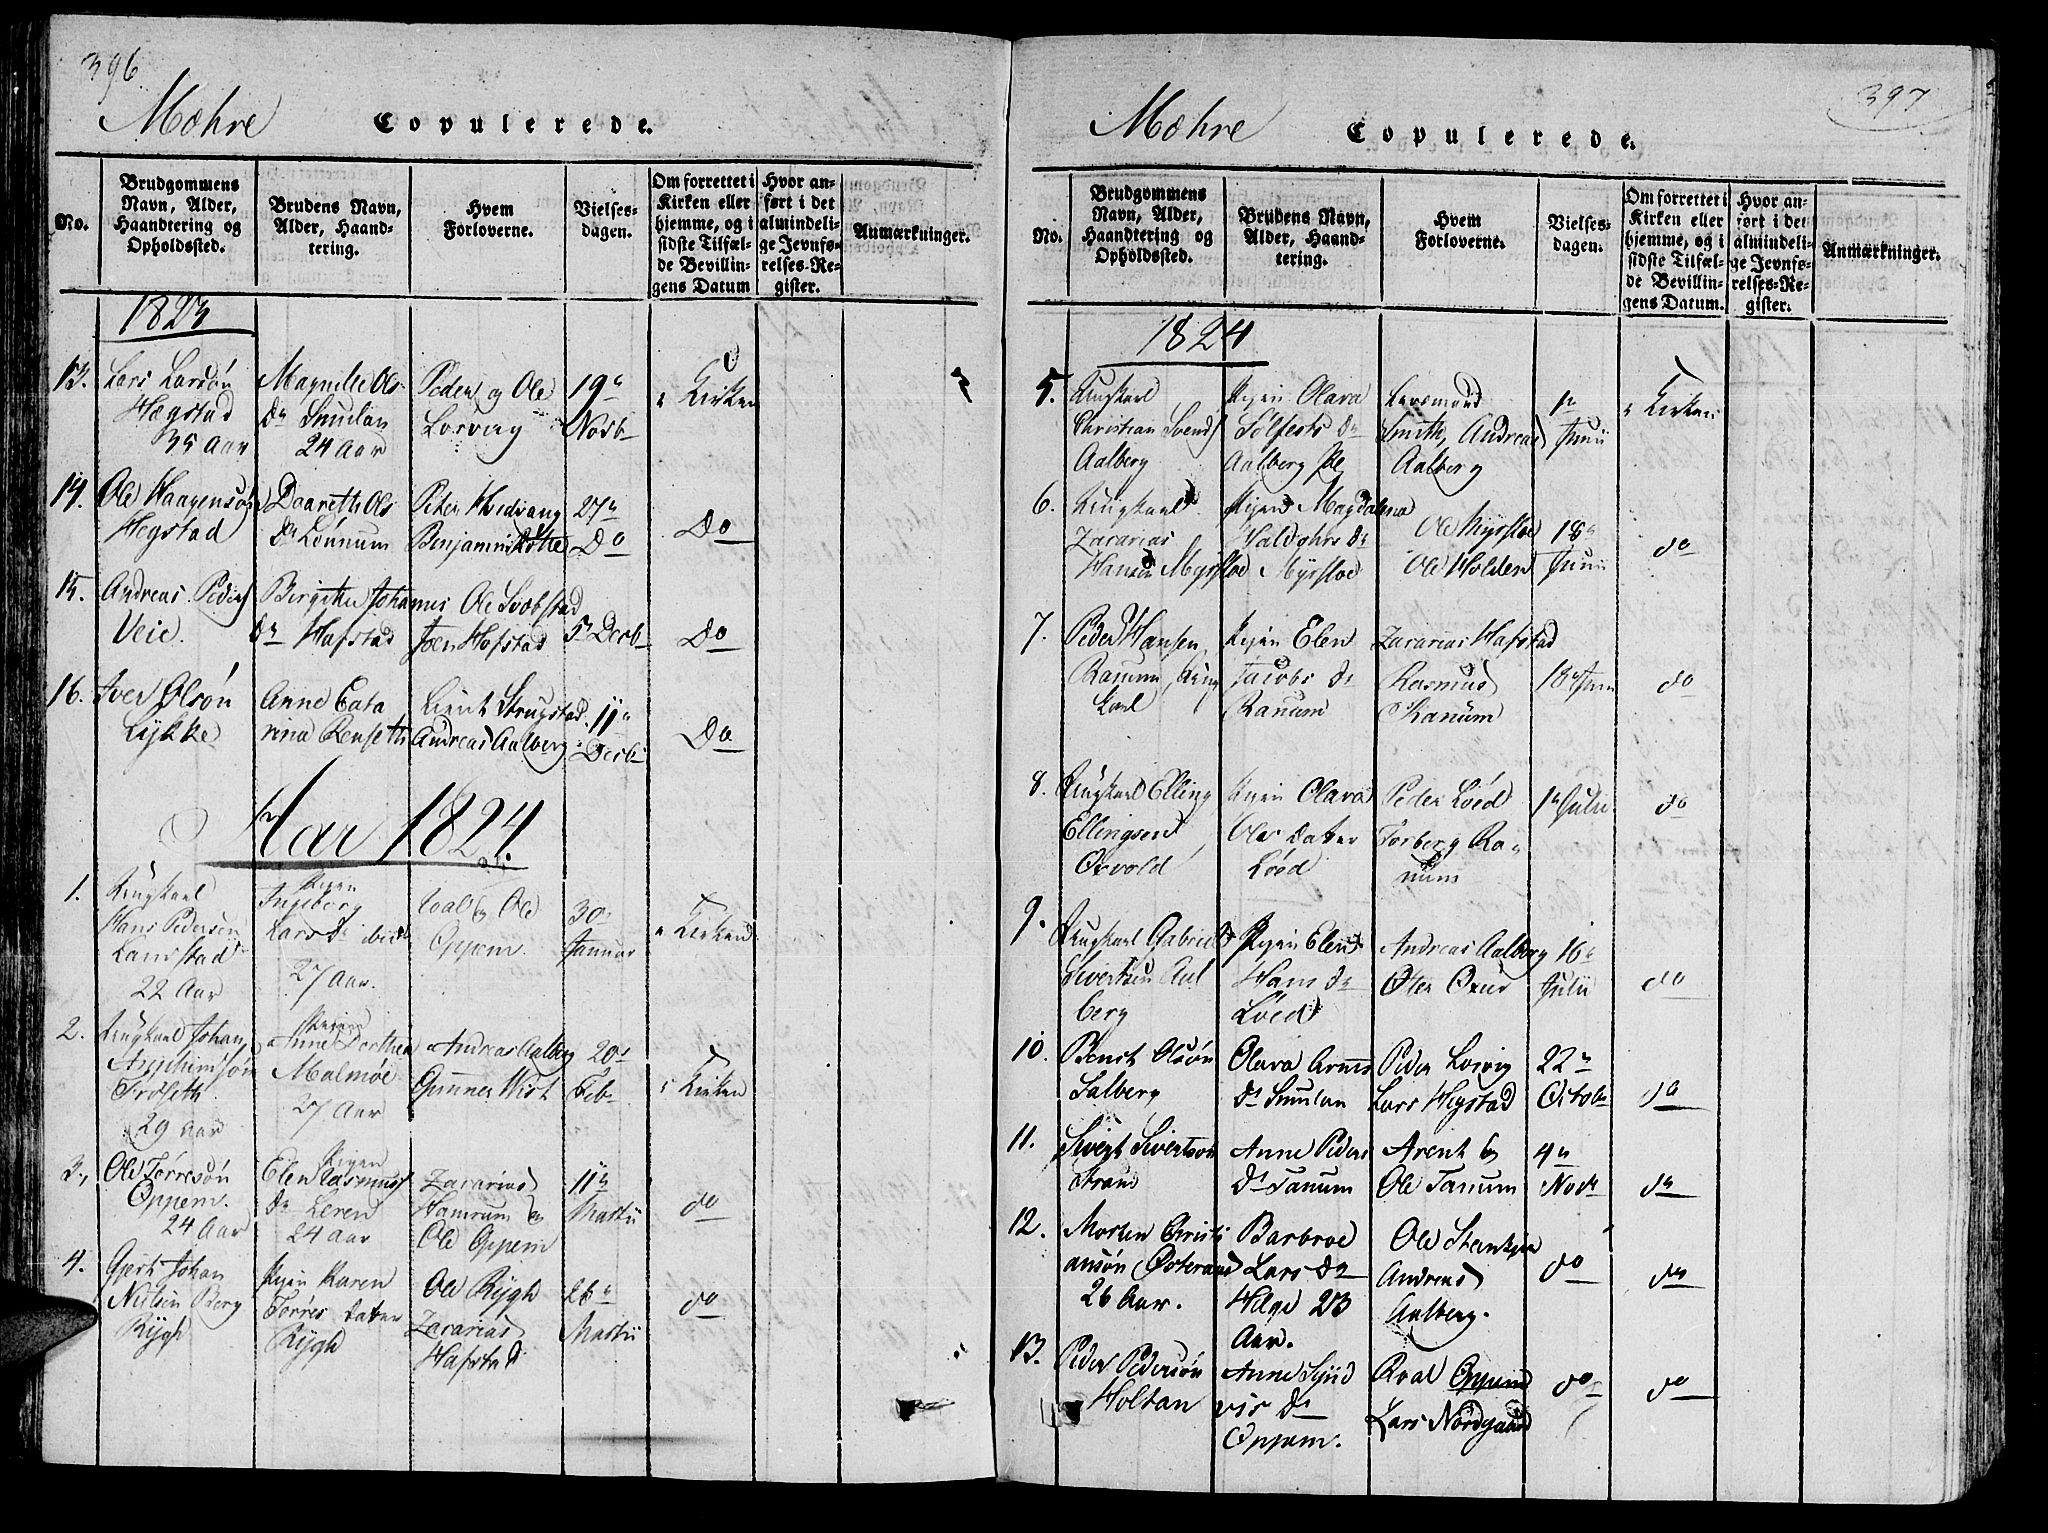 SAT, Ministerialprotokoller, klokkerbøker og fødselsregistre - Nord-Trøndelag, 735/L0333: Ministerialbok nr. 735A04 /1, 1816-1824, s. 396-397